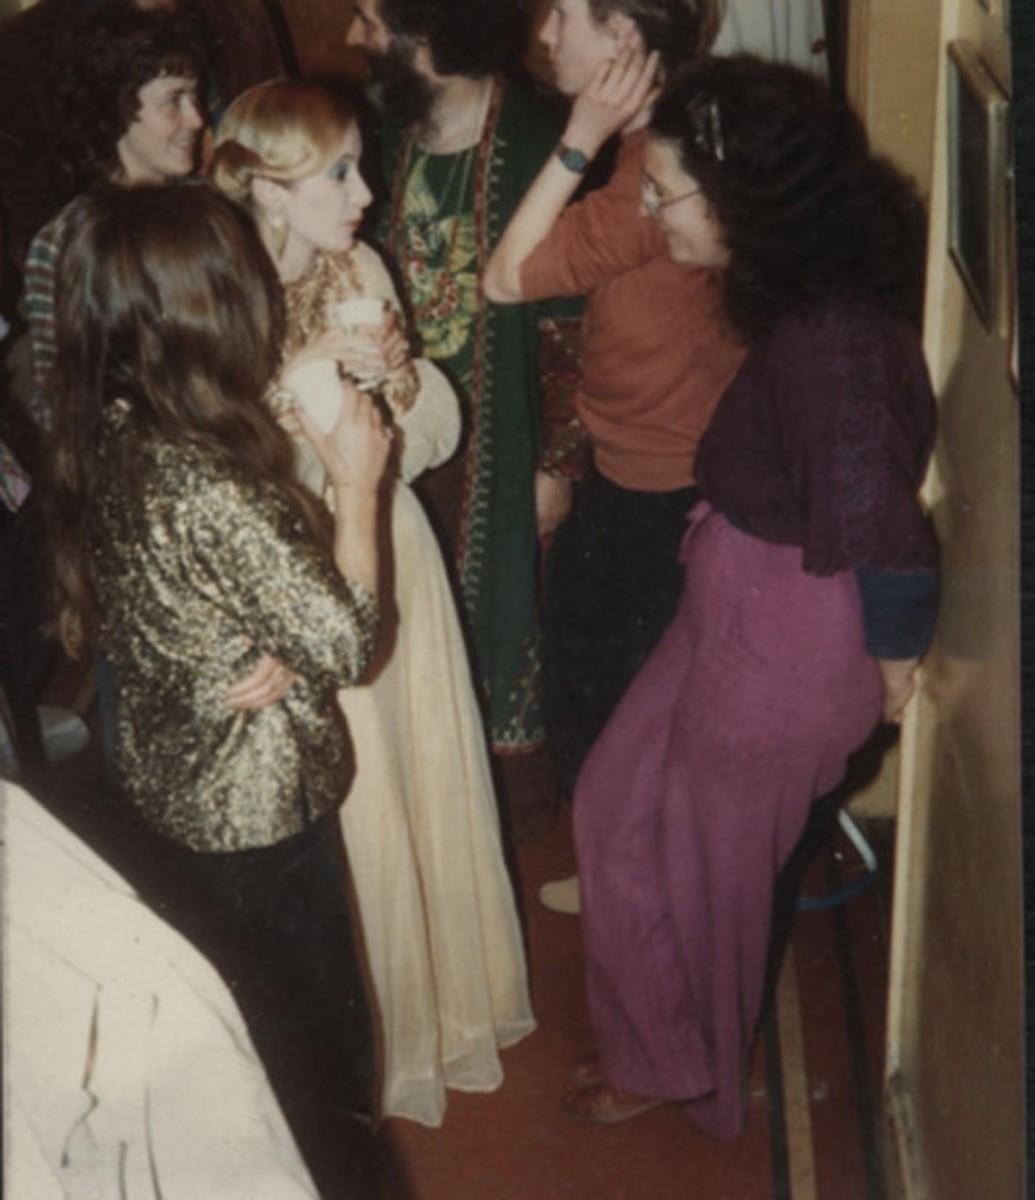 Janet Farrar with Starhawk@Janet Farrar